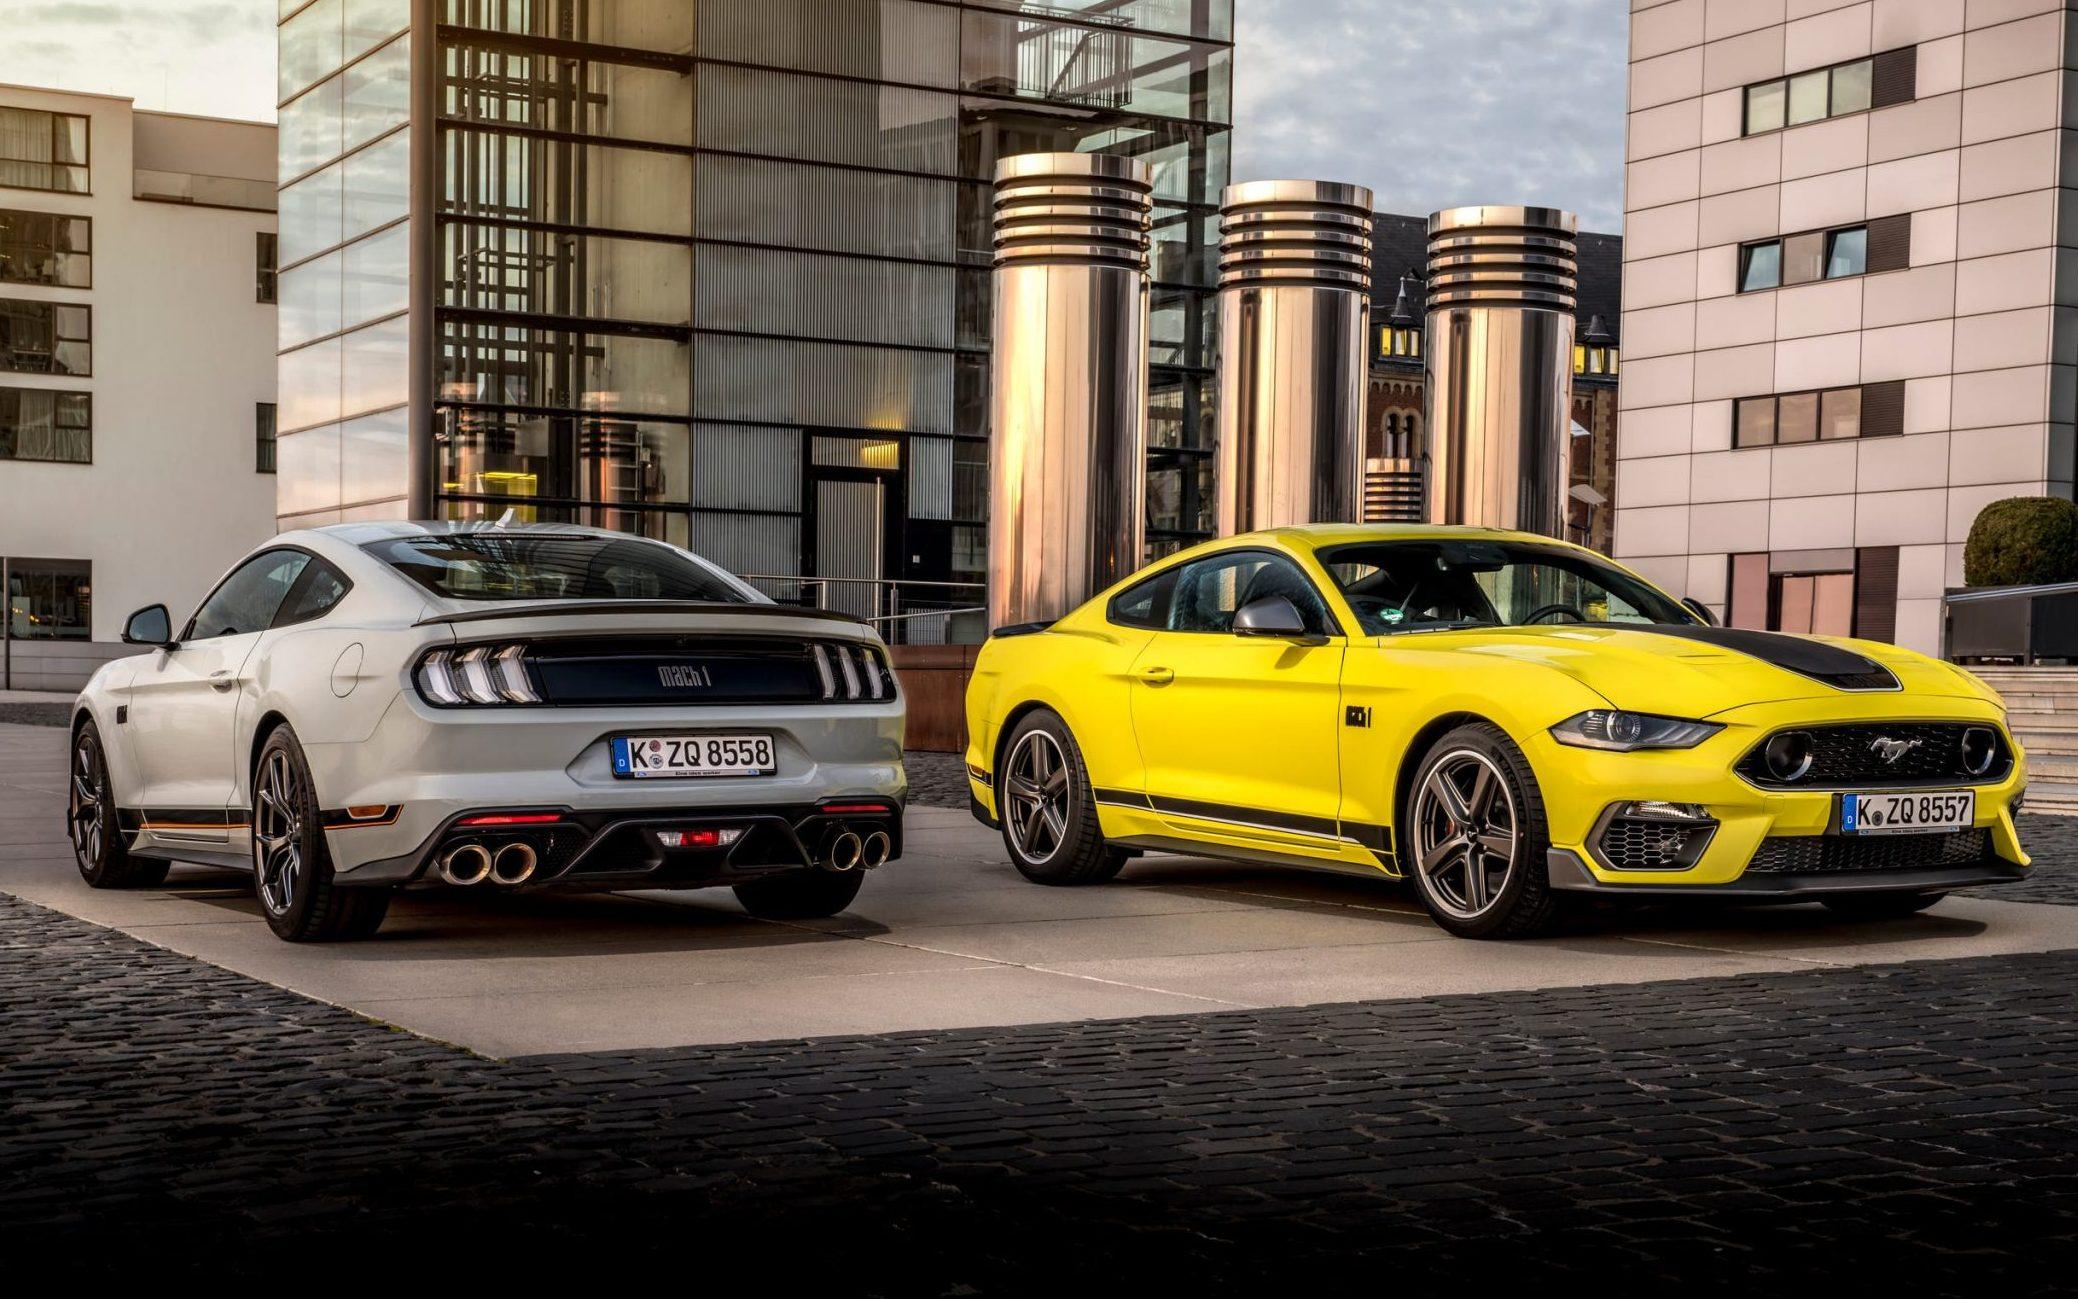 Ford dispose 2.3-liter Mustang